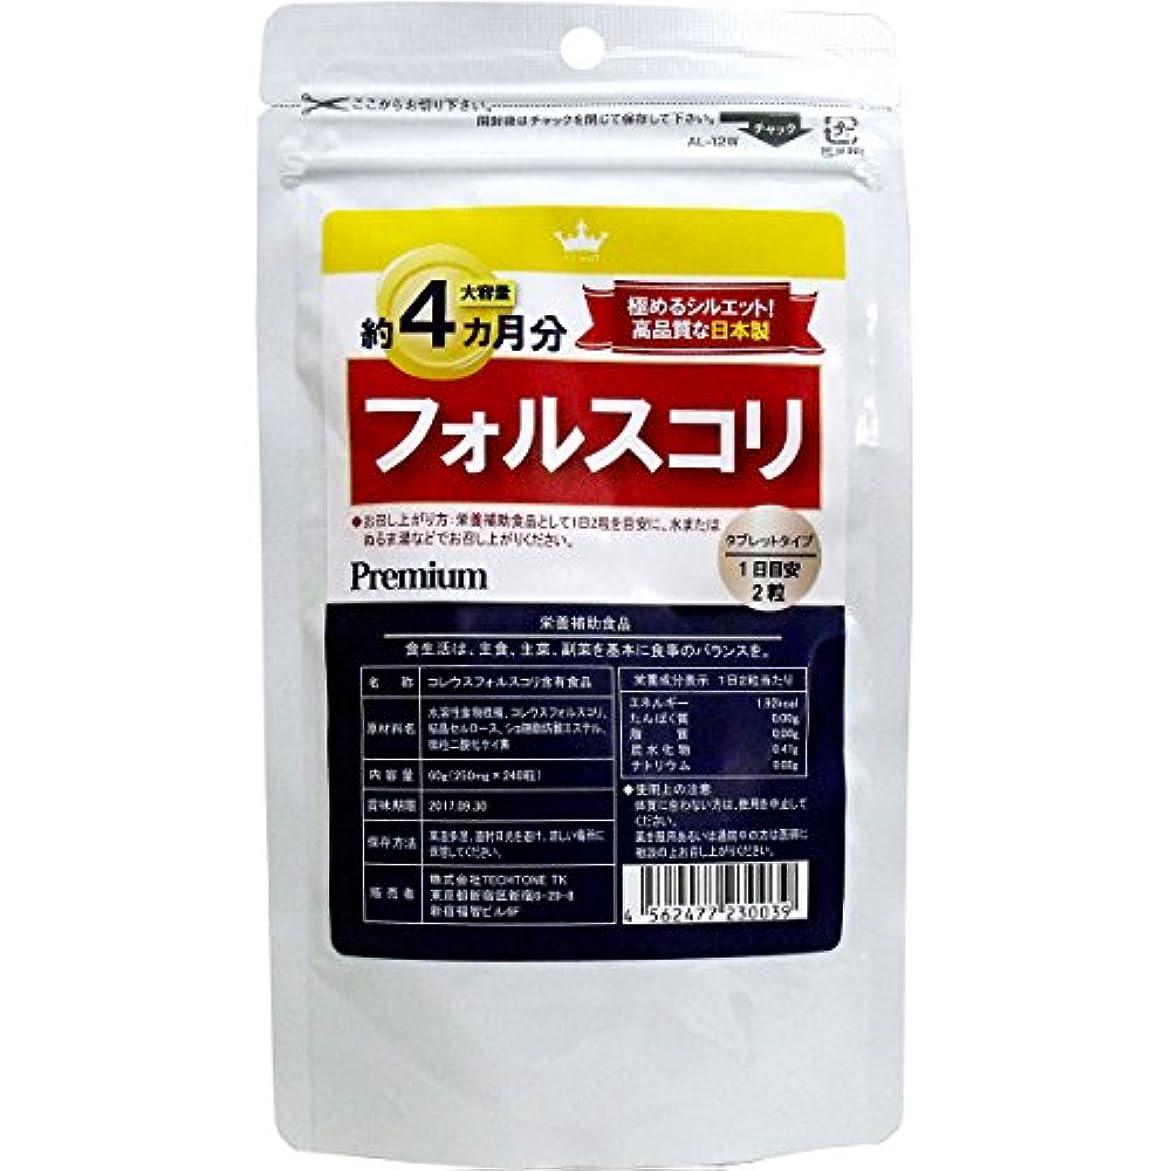 曲がったスポーツの試合を担当している人呼びかけるサプリメント 高品質な日本製 健康食品 フォルスコリ 約4カ月分 240粒入【2個セット】